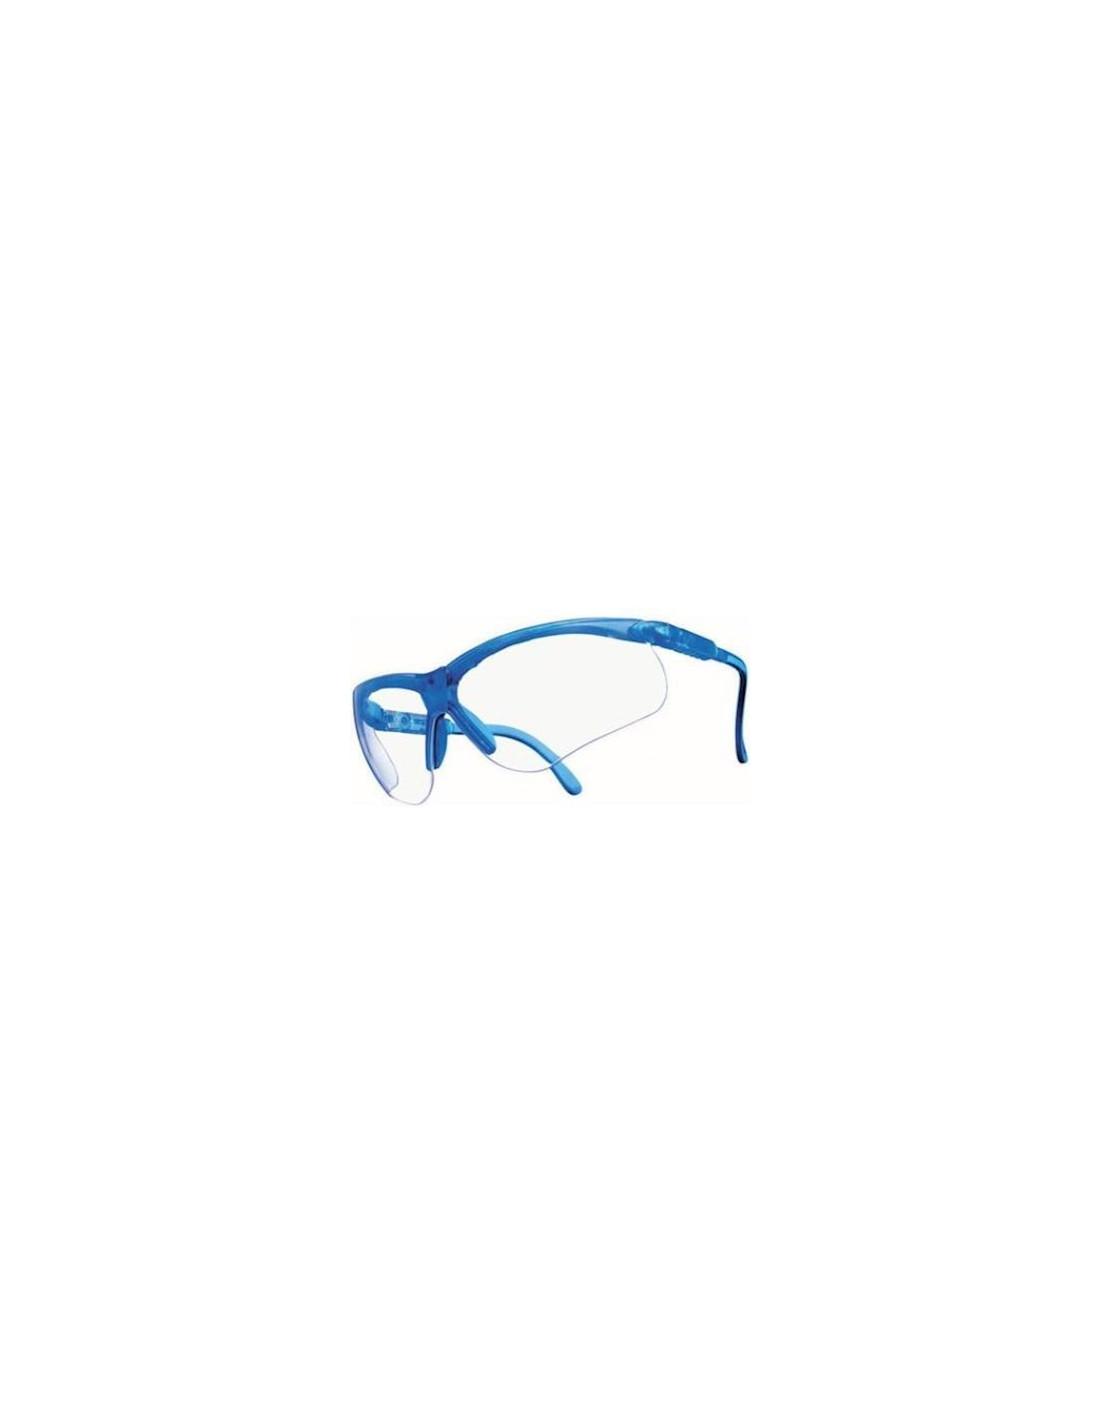 cd1744cda79bd2 MSA Perspecta 010 veiligheidsbril met Sightgard-coating online kopen